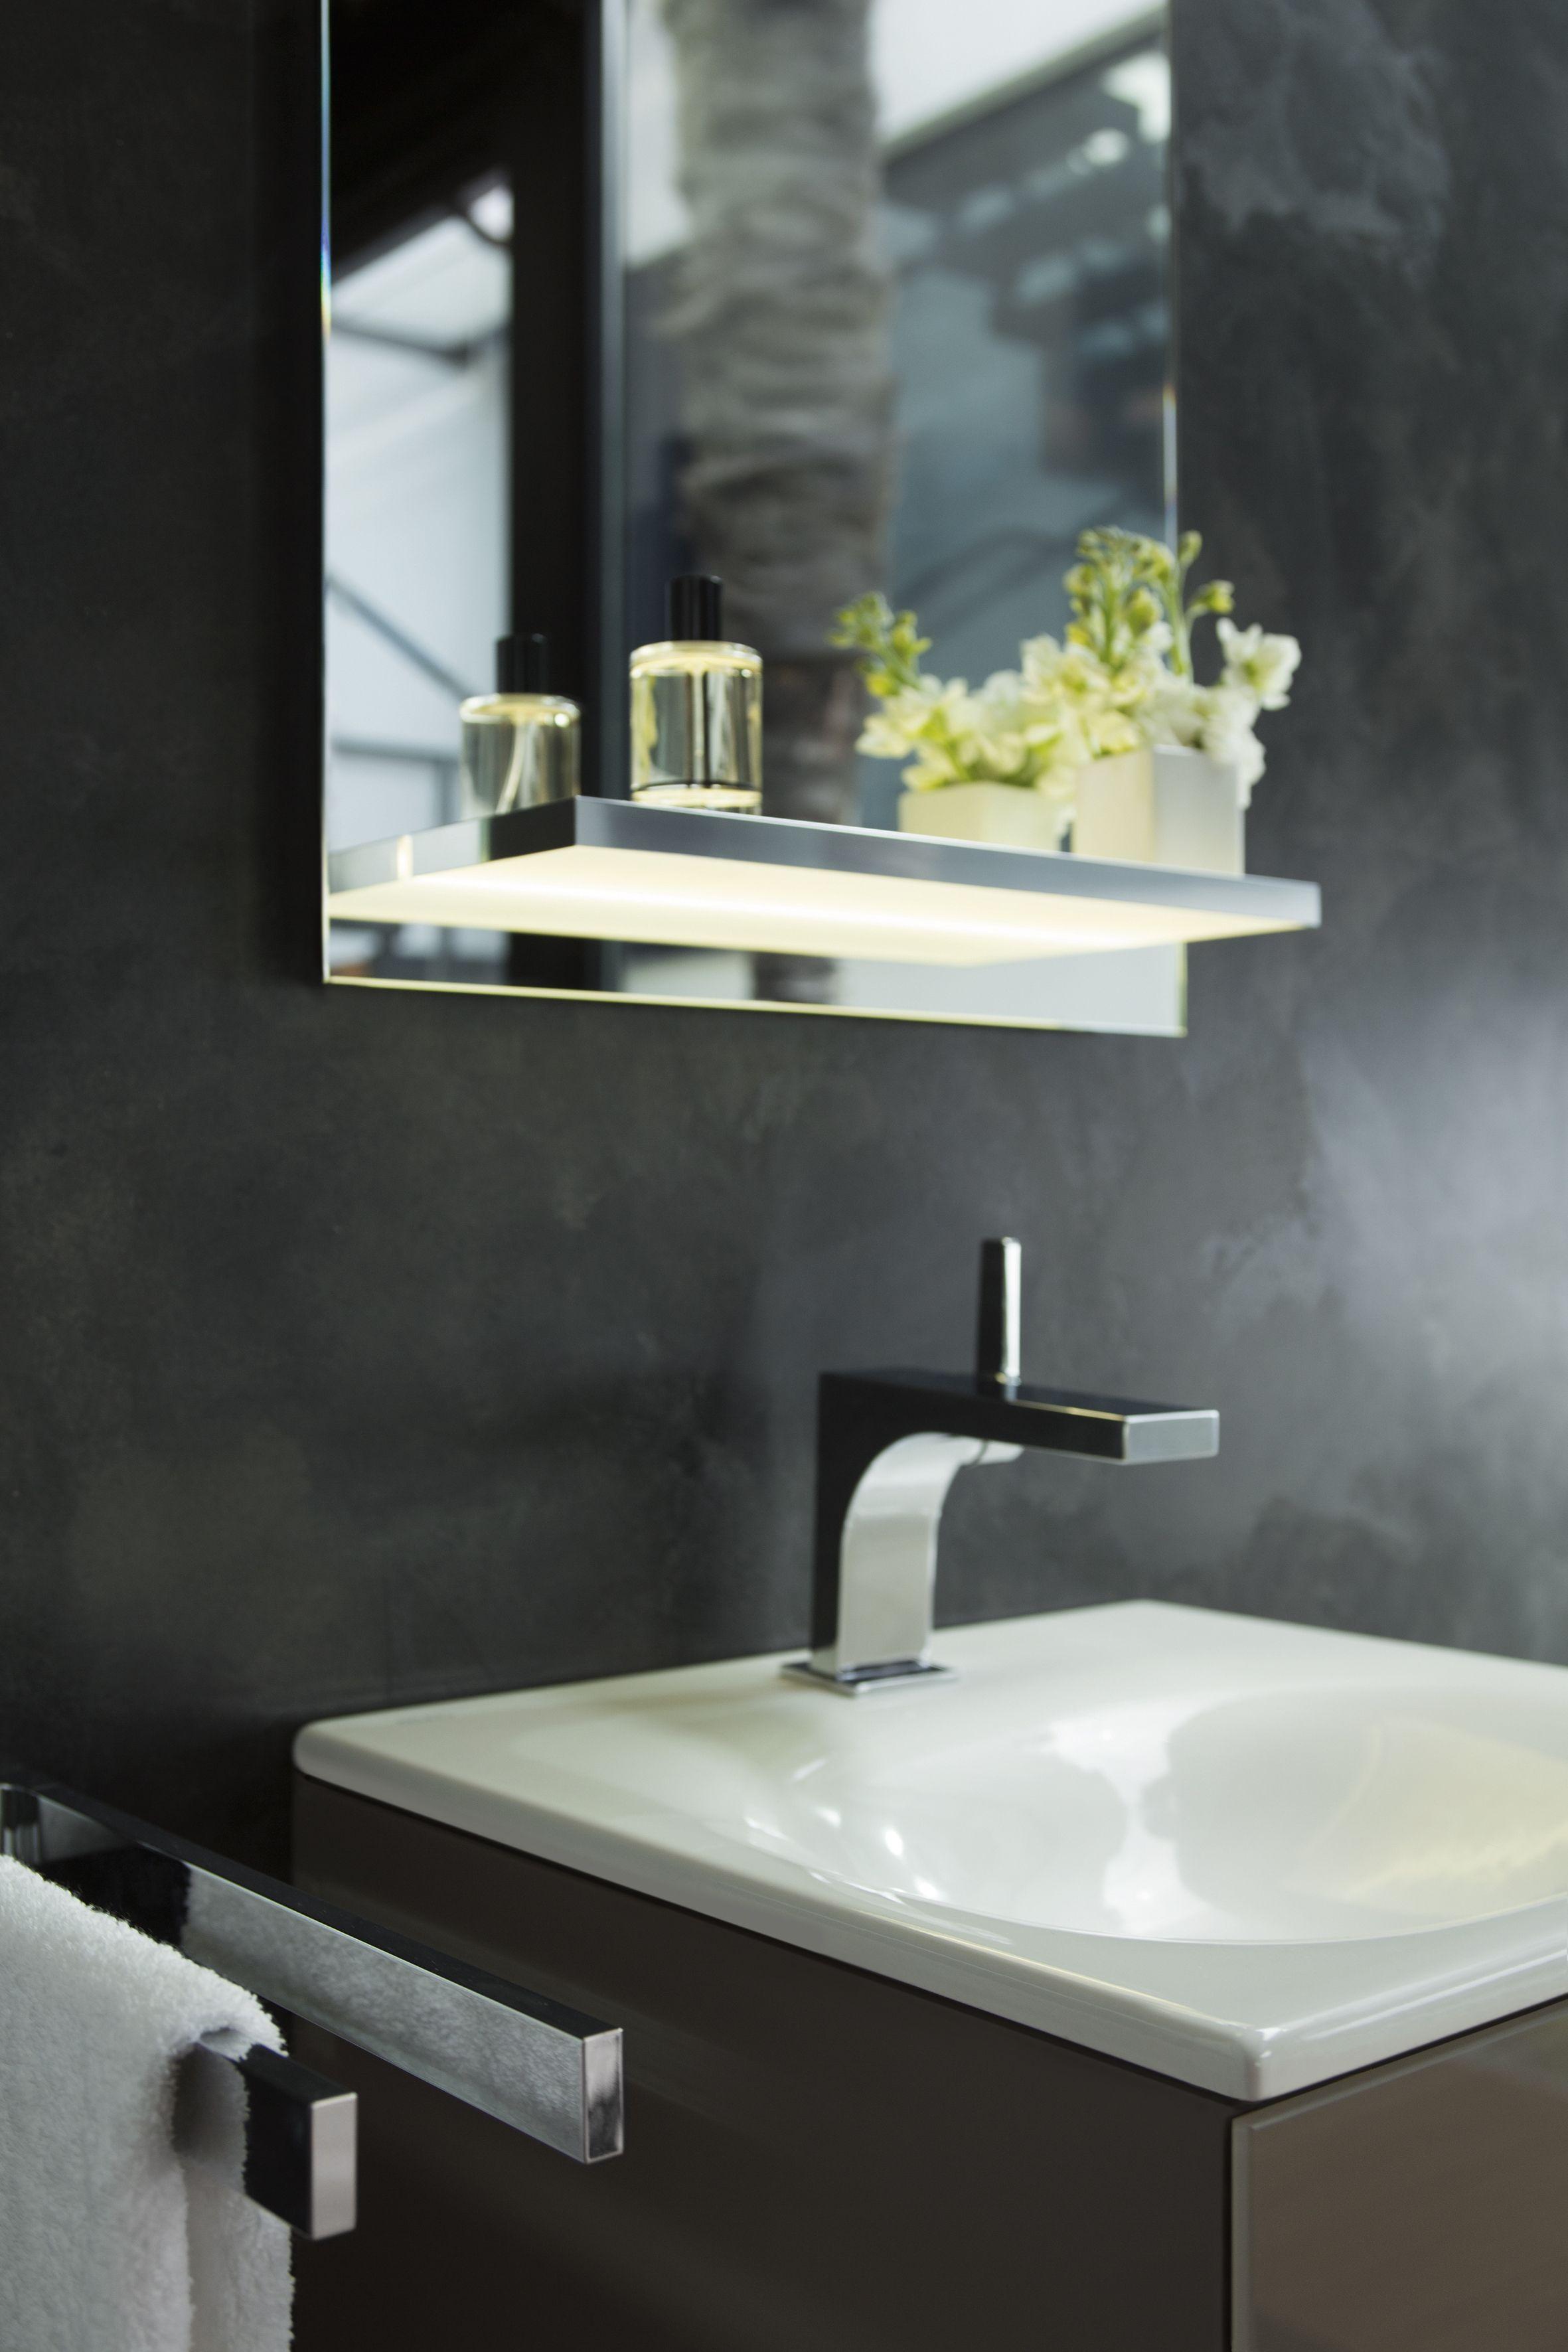 Keuco Edition 11 Bathroomfurniture Architecture Design Spiegelschrank Badezimmer Design